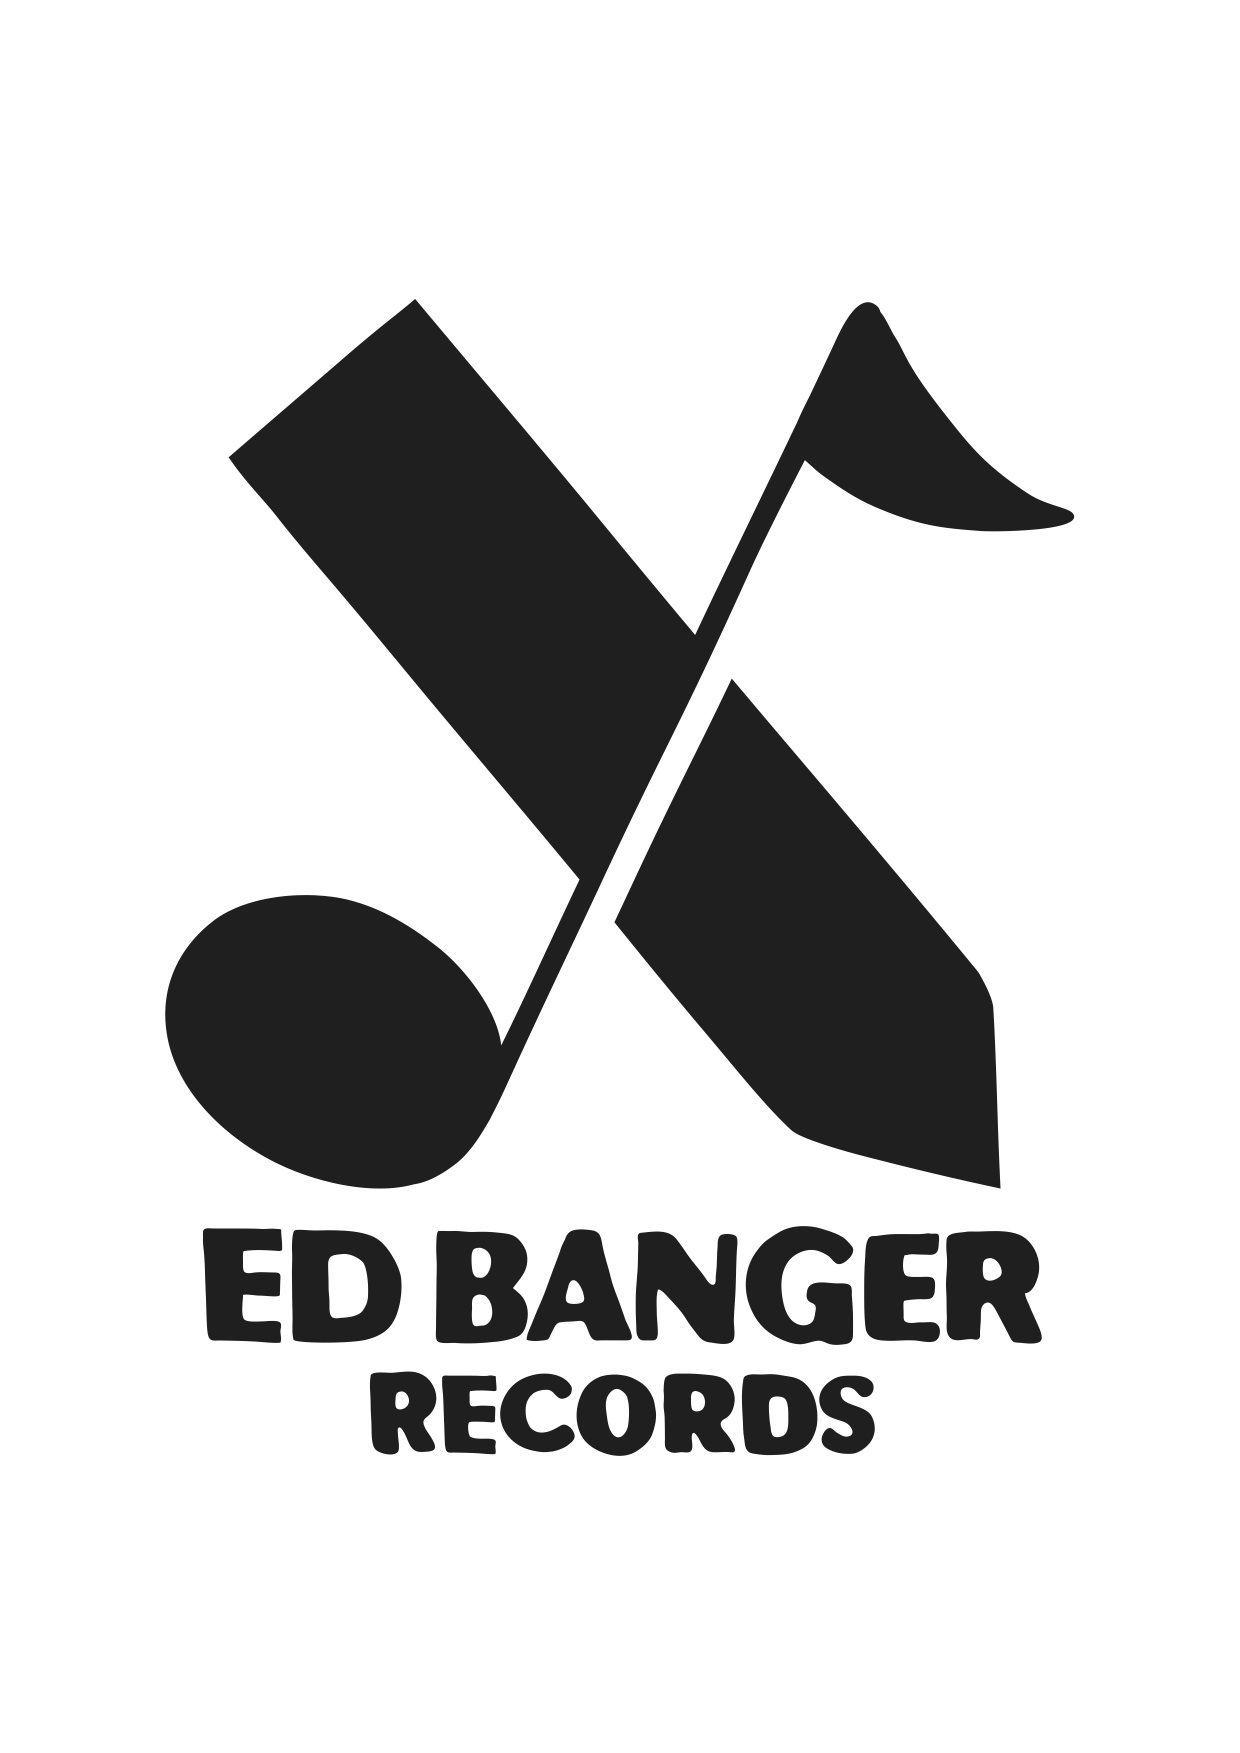 ¿Quién es el propietario de la discográfica Ed Banger Records?